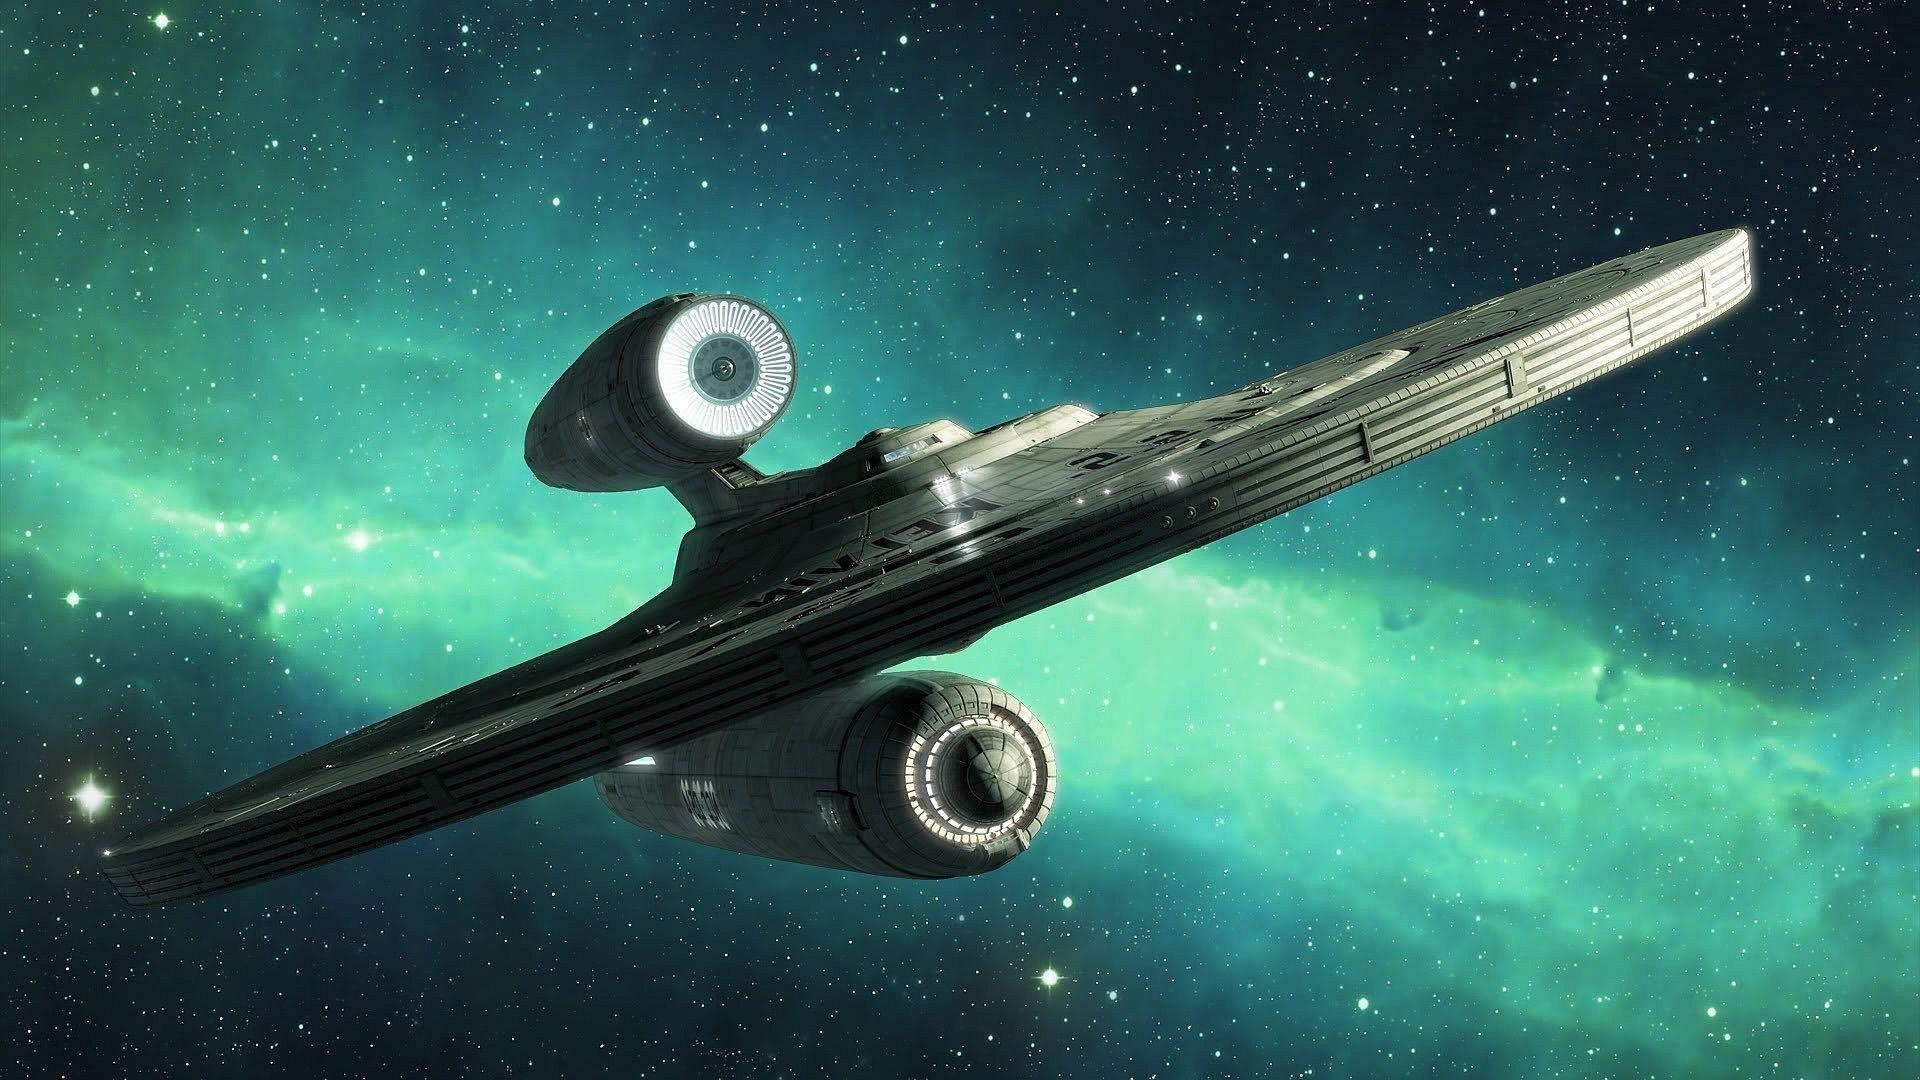 учетом картинка с разными космическими кораблями ответ вам